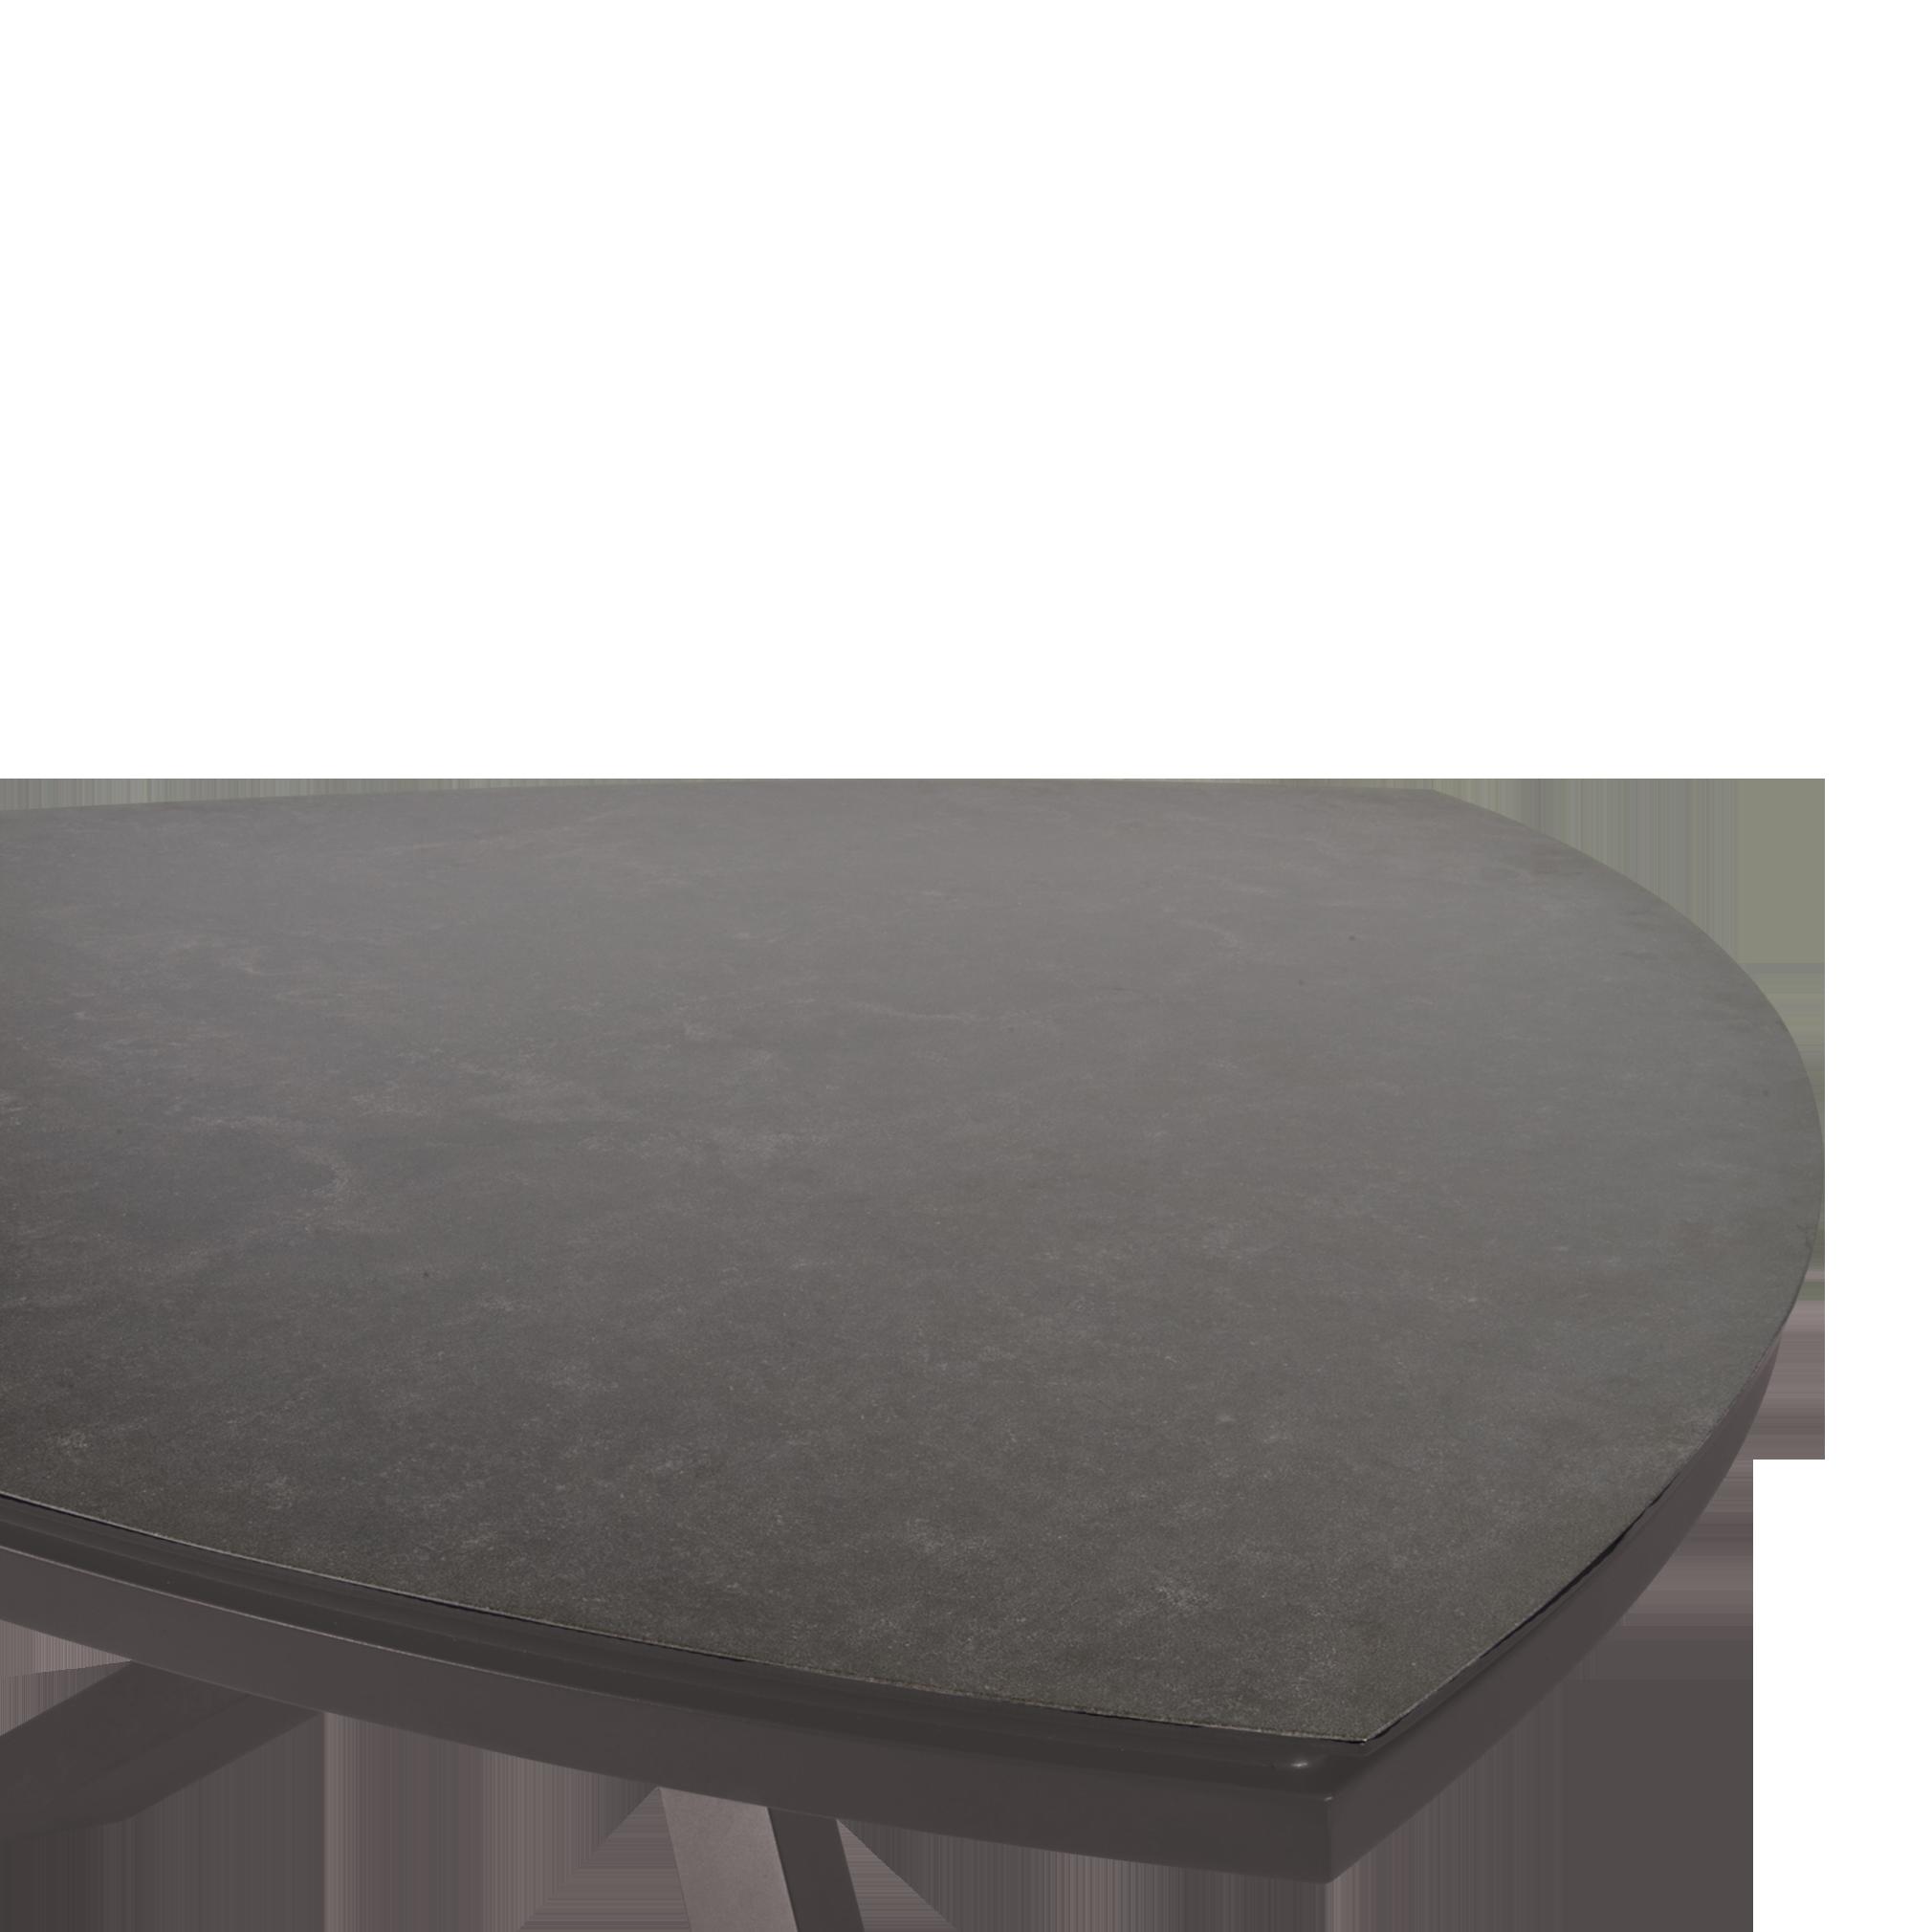 Details zu Gartentisch Tisch Mojito Ceramic Pardo dreieckig Keramik Aluminium 170x170cm